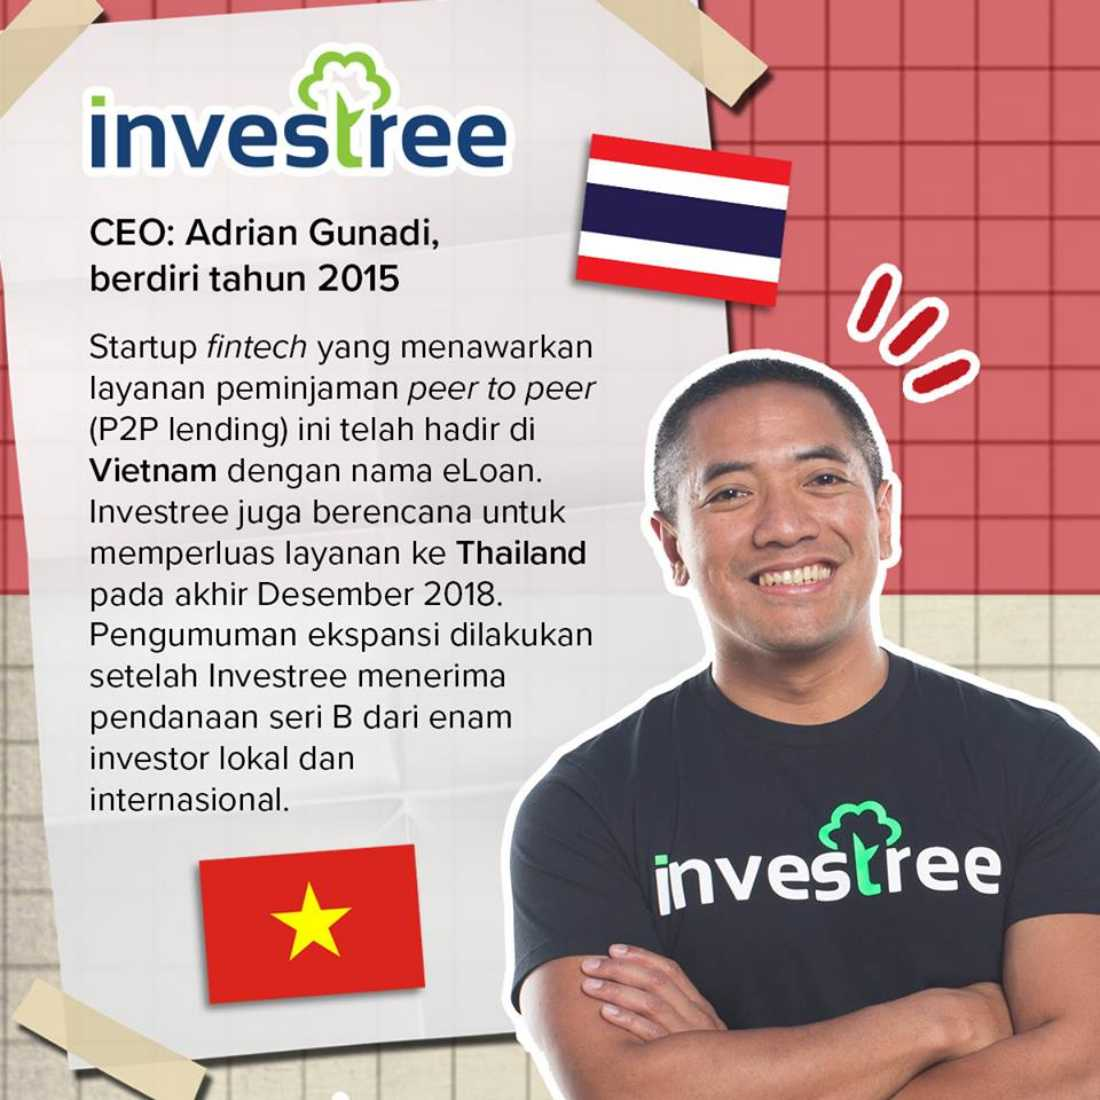 Startup Ekspansi Investree